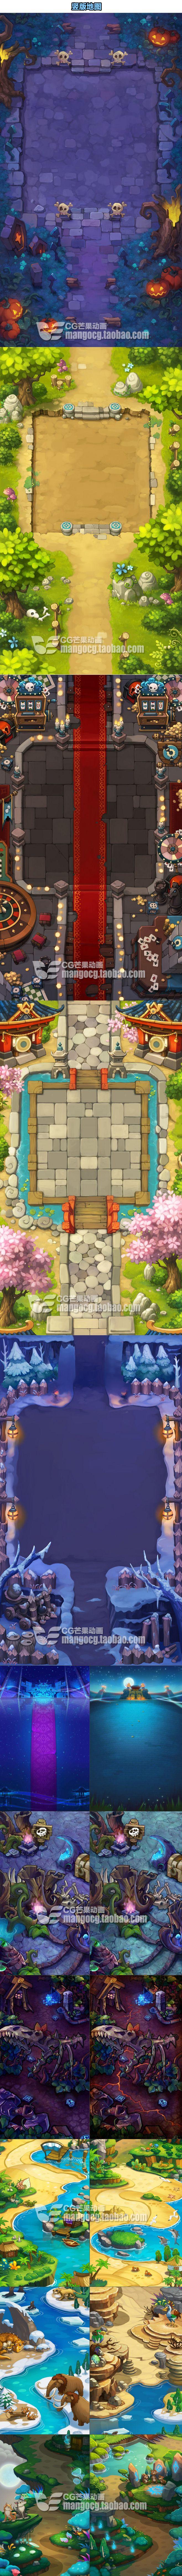 横版 竖版地图 战斗背景设定 游戏场景参...